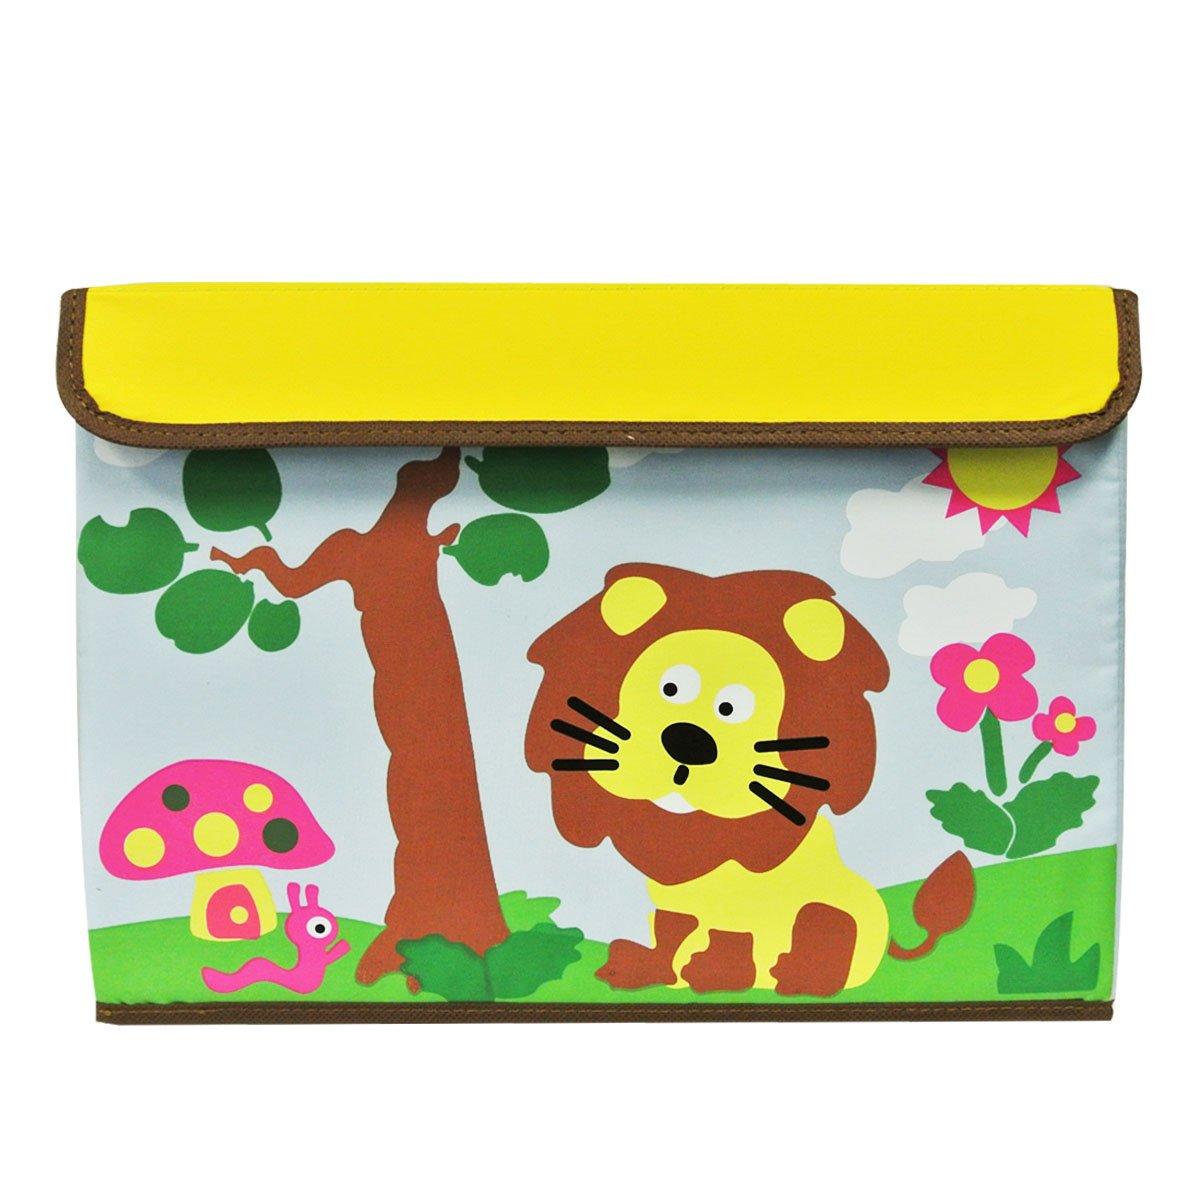 Amazon.com: Wrapables tela caja de almacenamiento para los ...